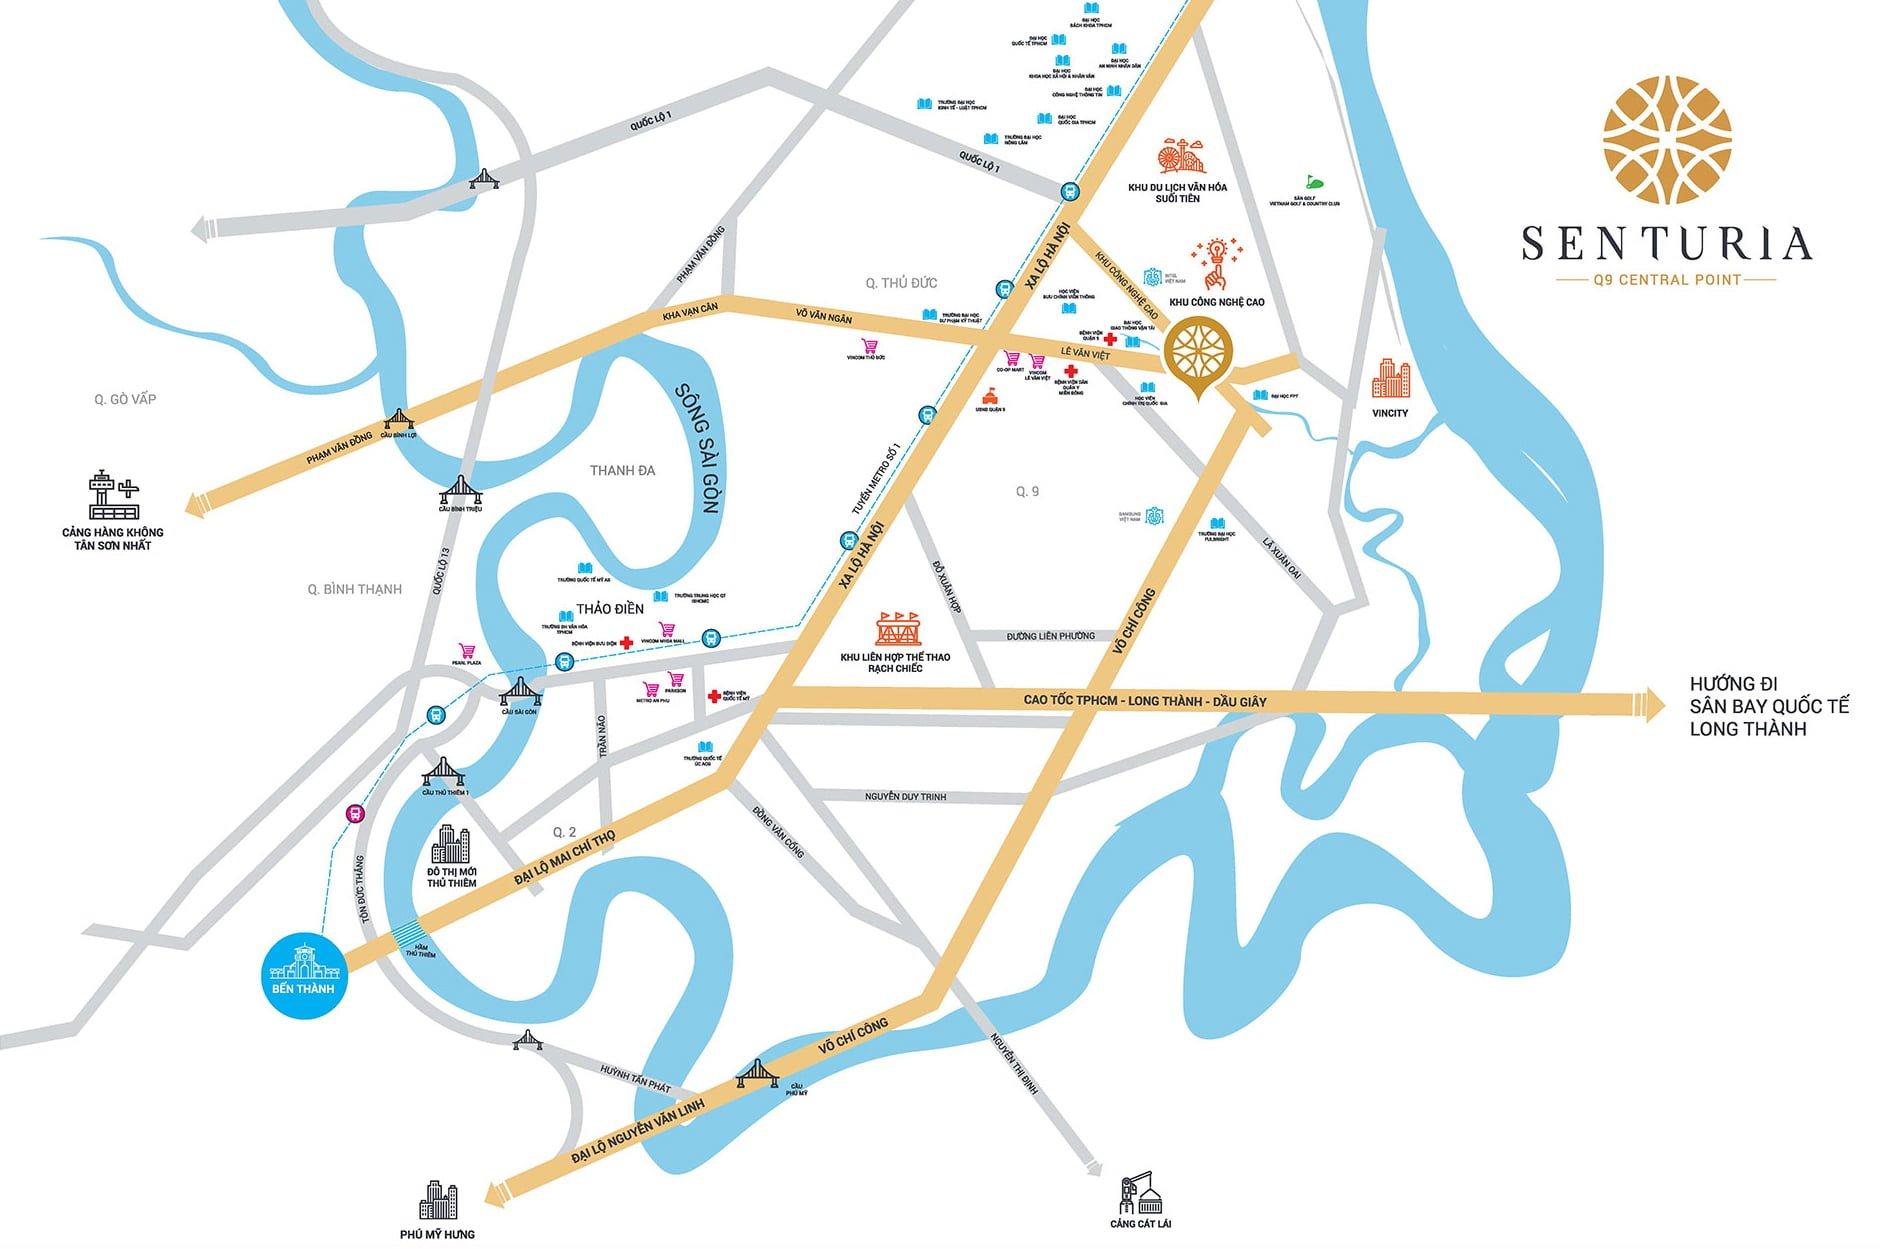 Map - Vi trí khu biệt tự Senturia Q9 Central Point